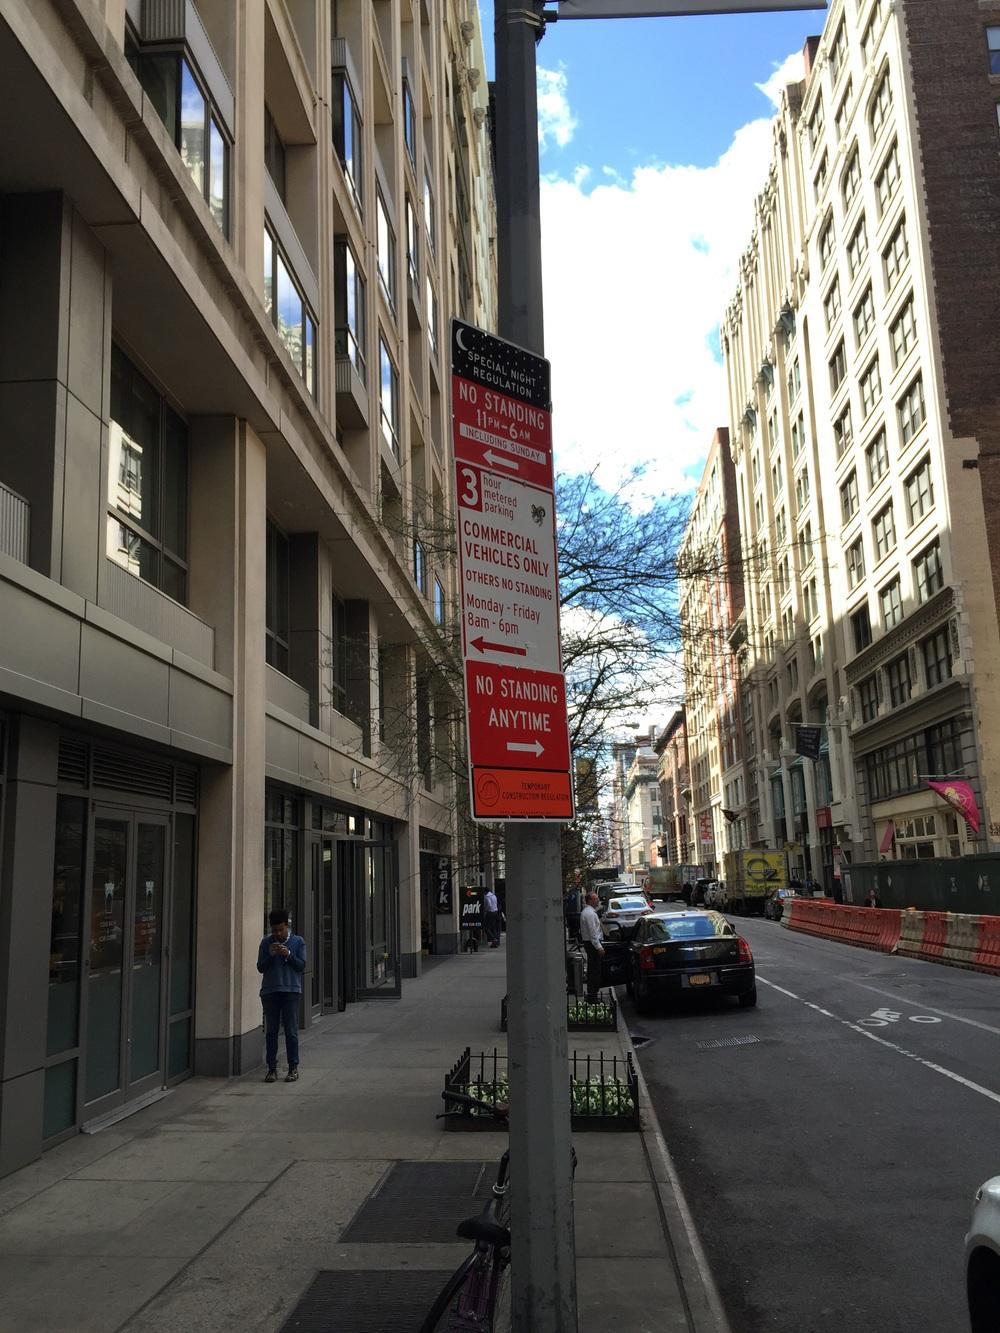 Пример знака, регулирующего правила парковки